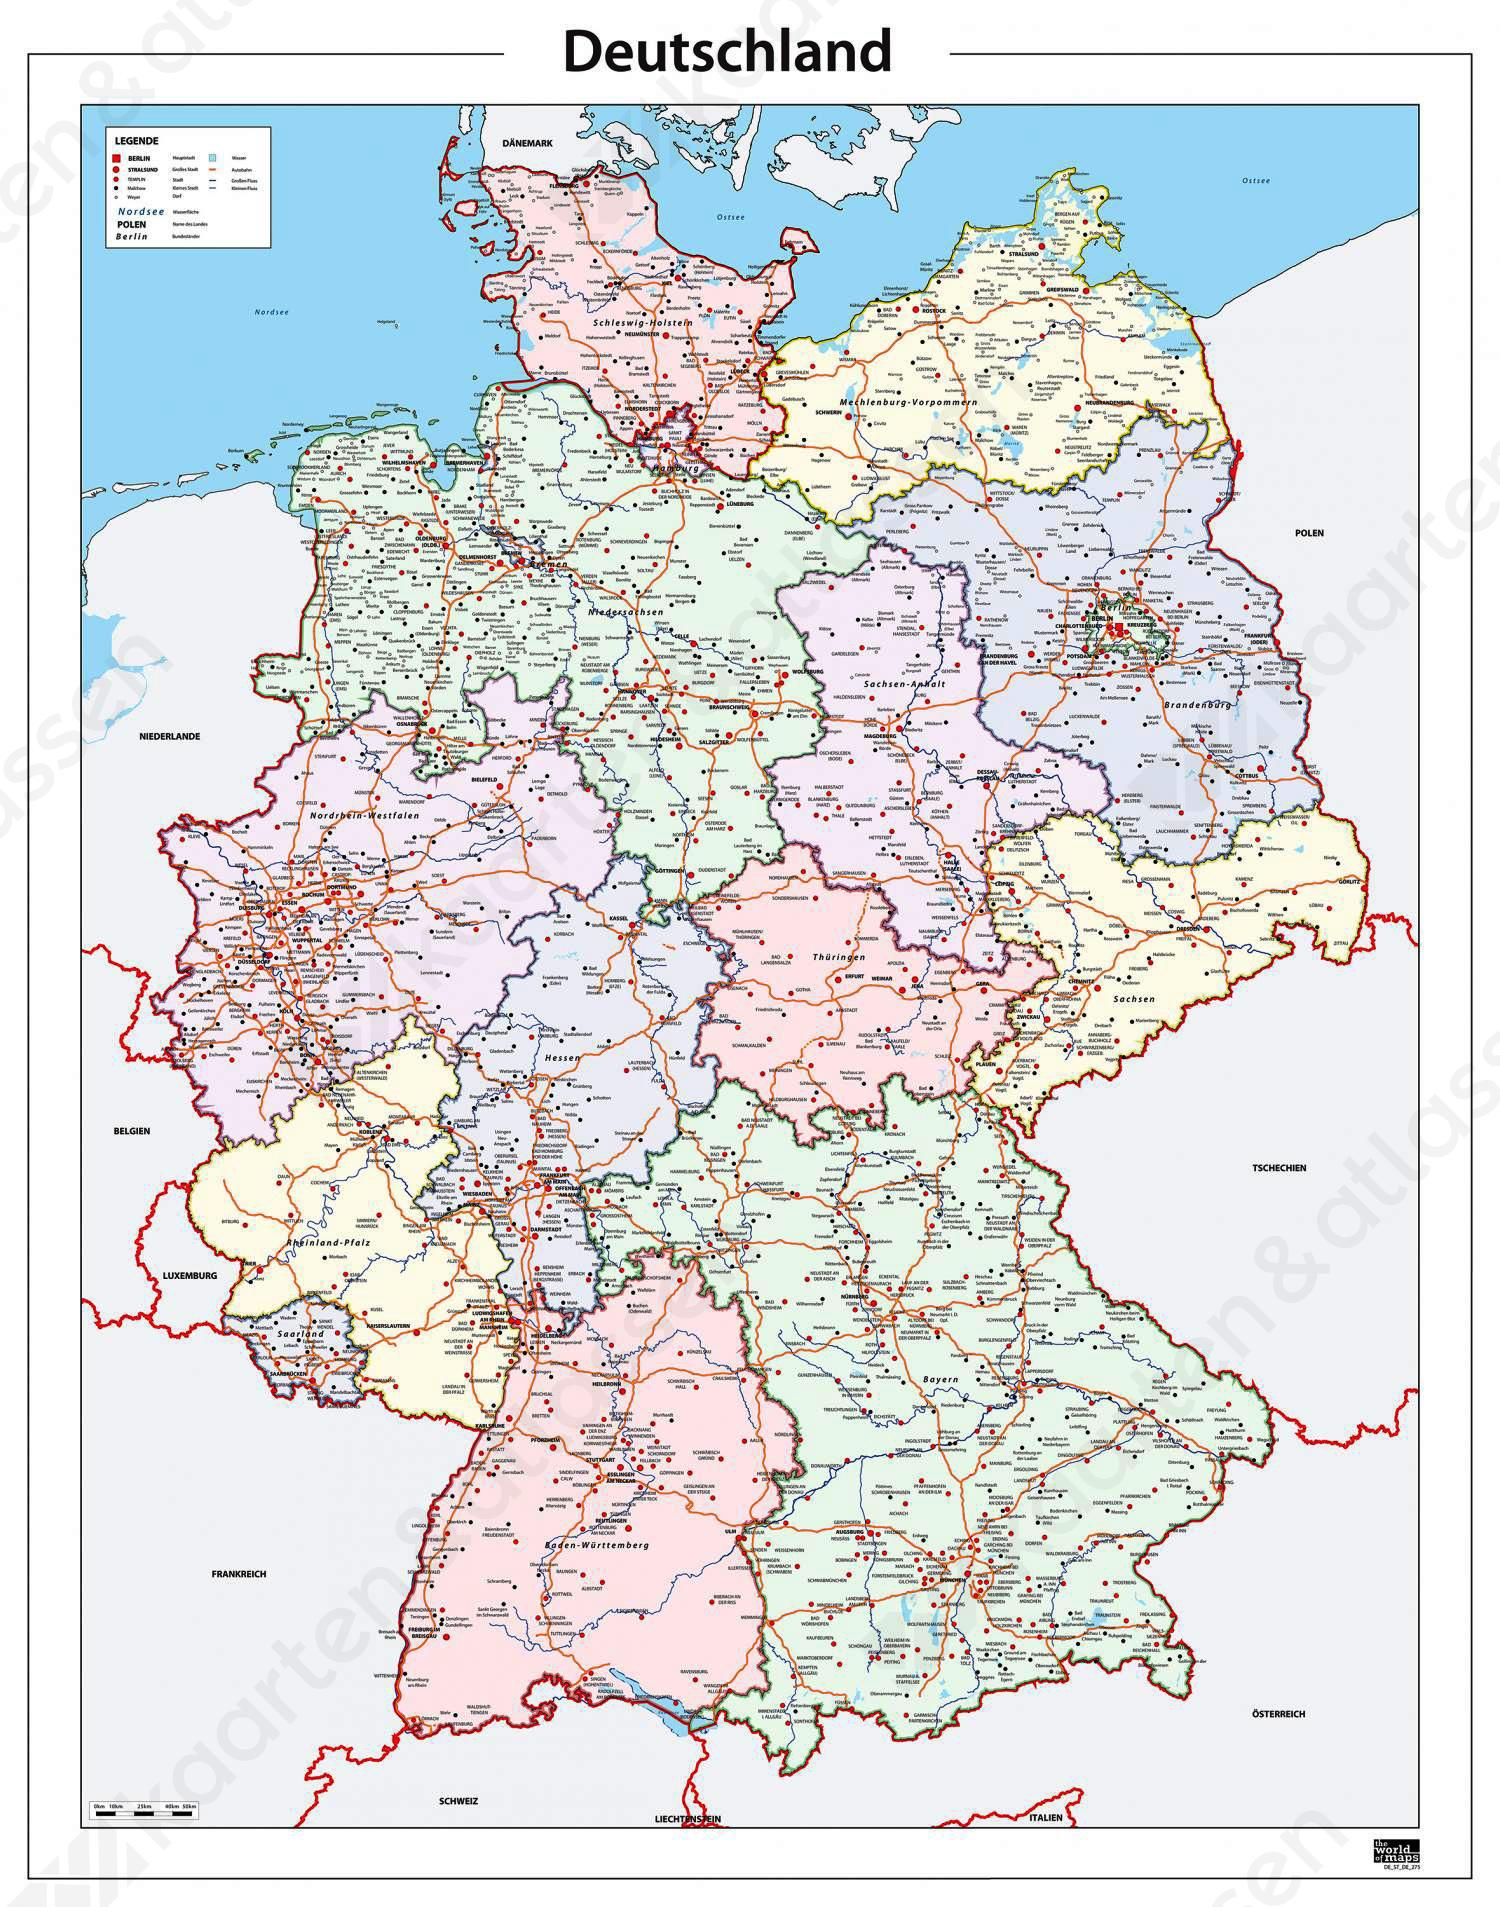 kaart van duitsland Digitale Kaart Duitsland 275 | Kaarten en Atlassen.nl